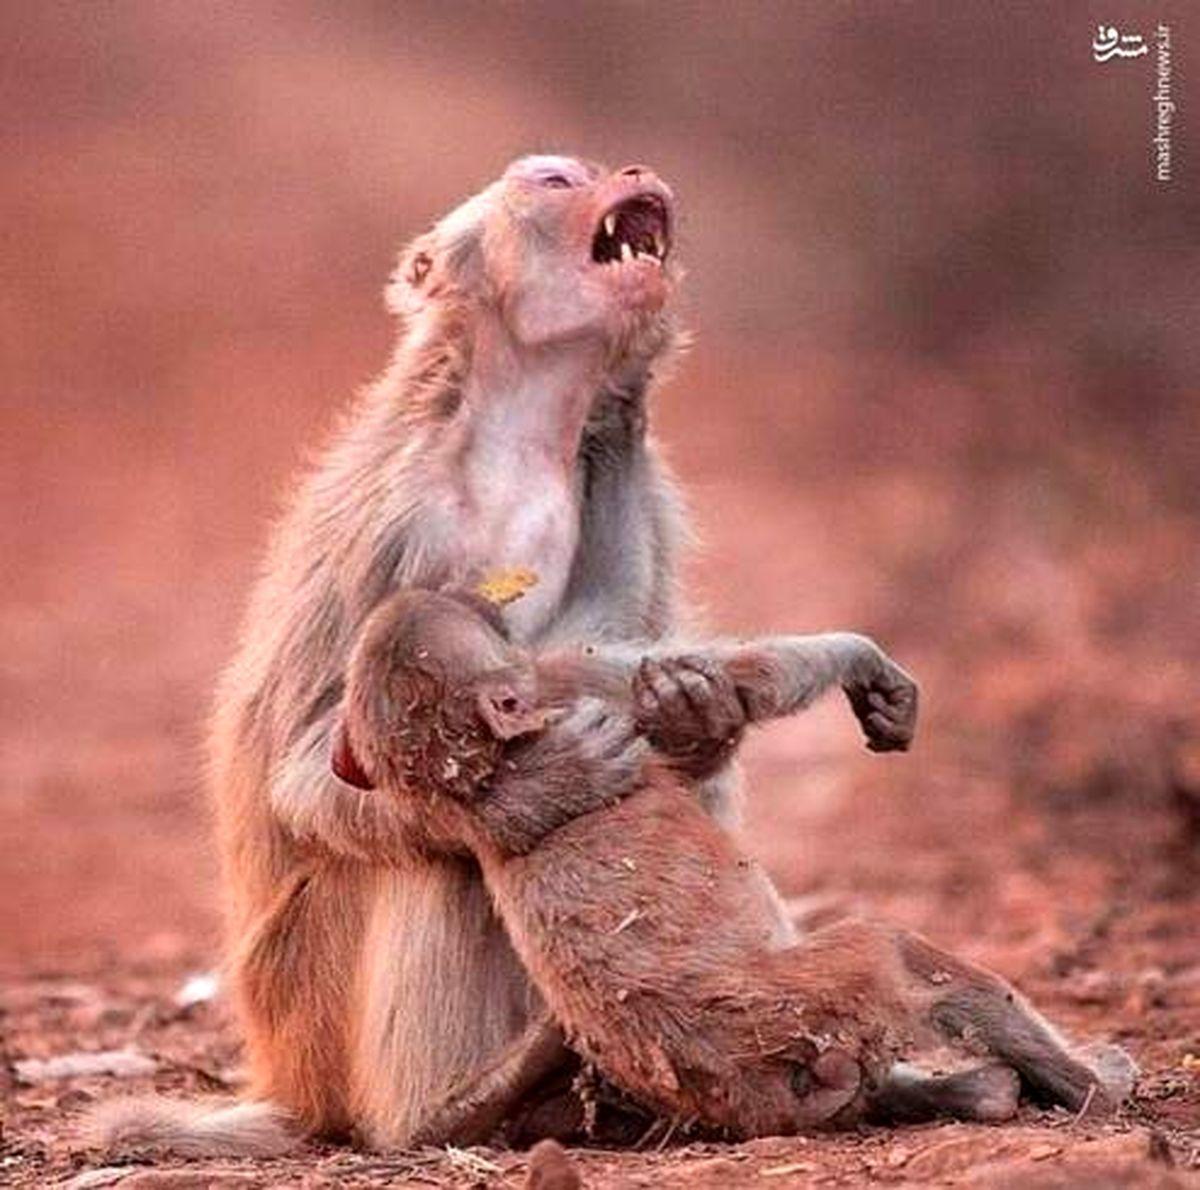 گریه میمون مادر پس از مرگ فرزندش +عکس